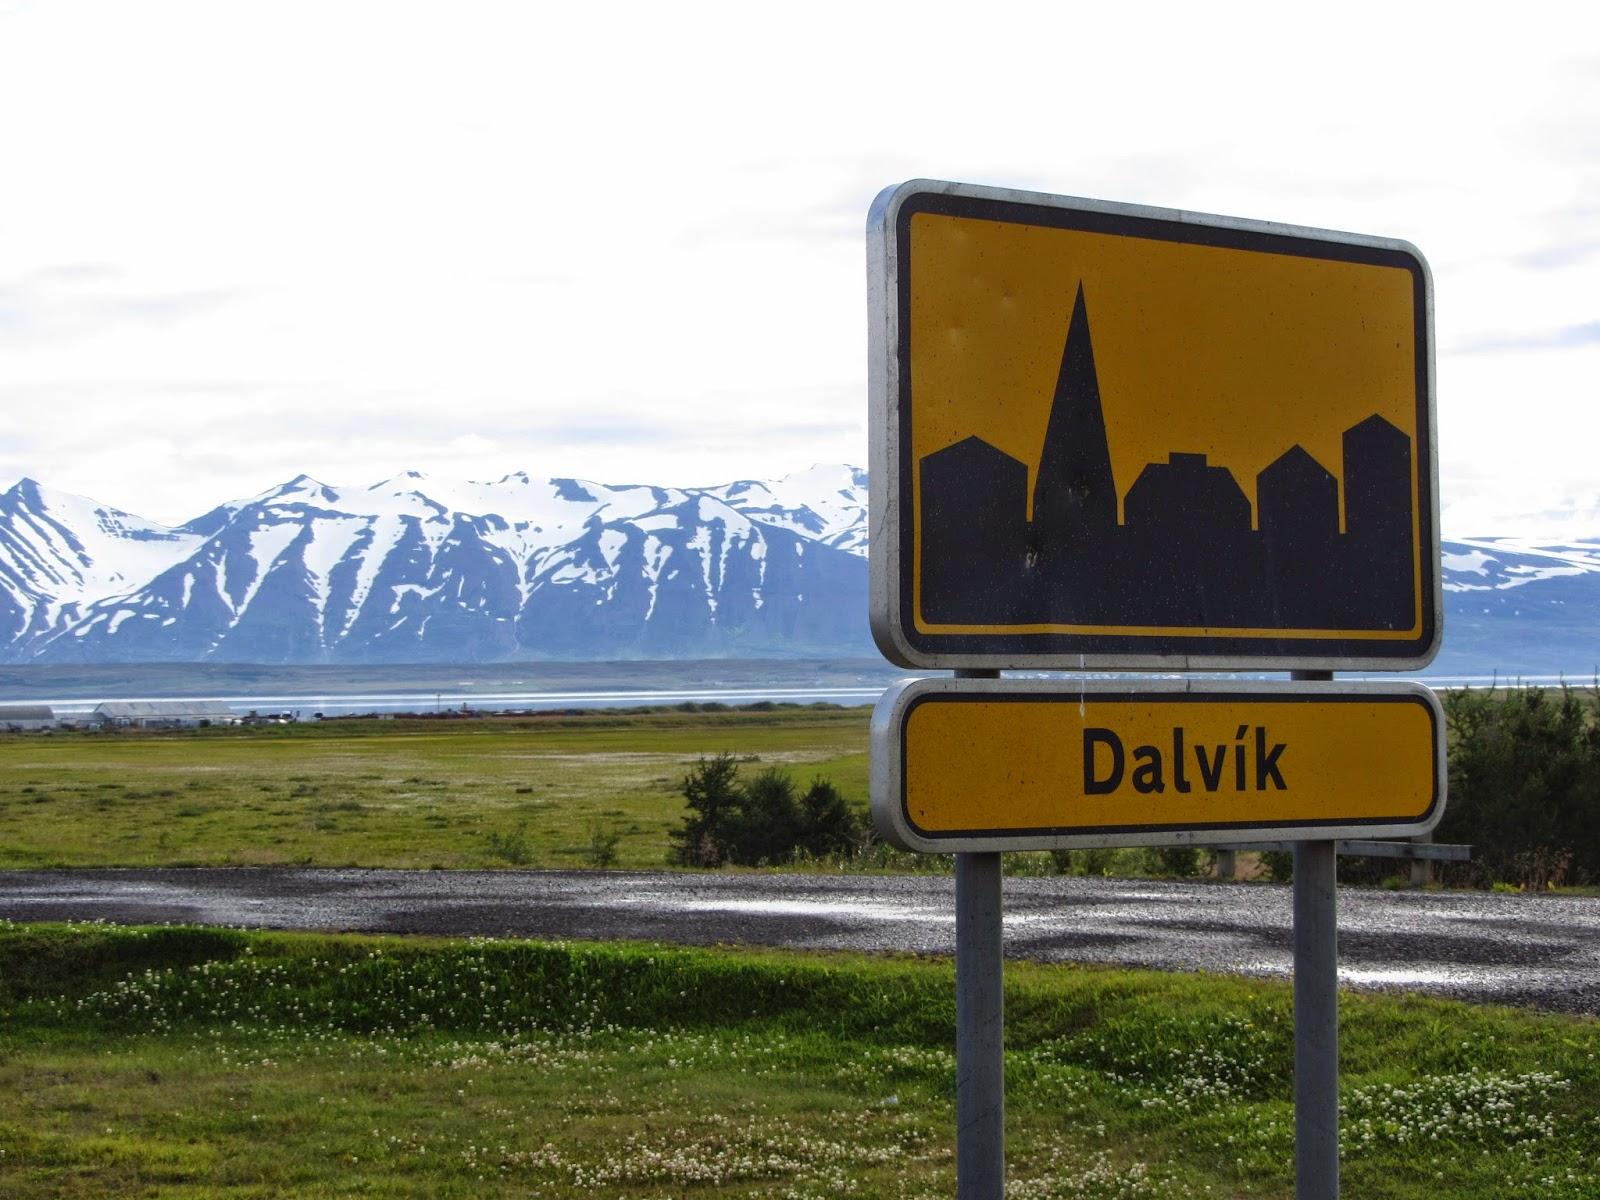 Observar BALEIAS EM DARVIK (um dos melhores locais da Islândia) | Islândia